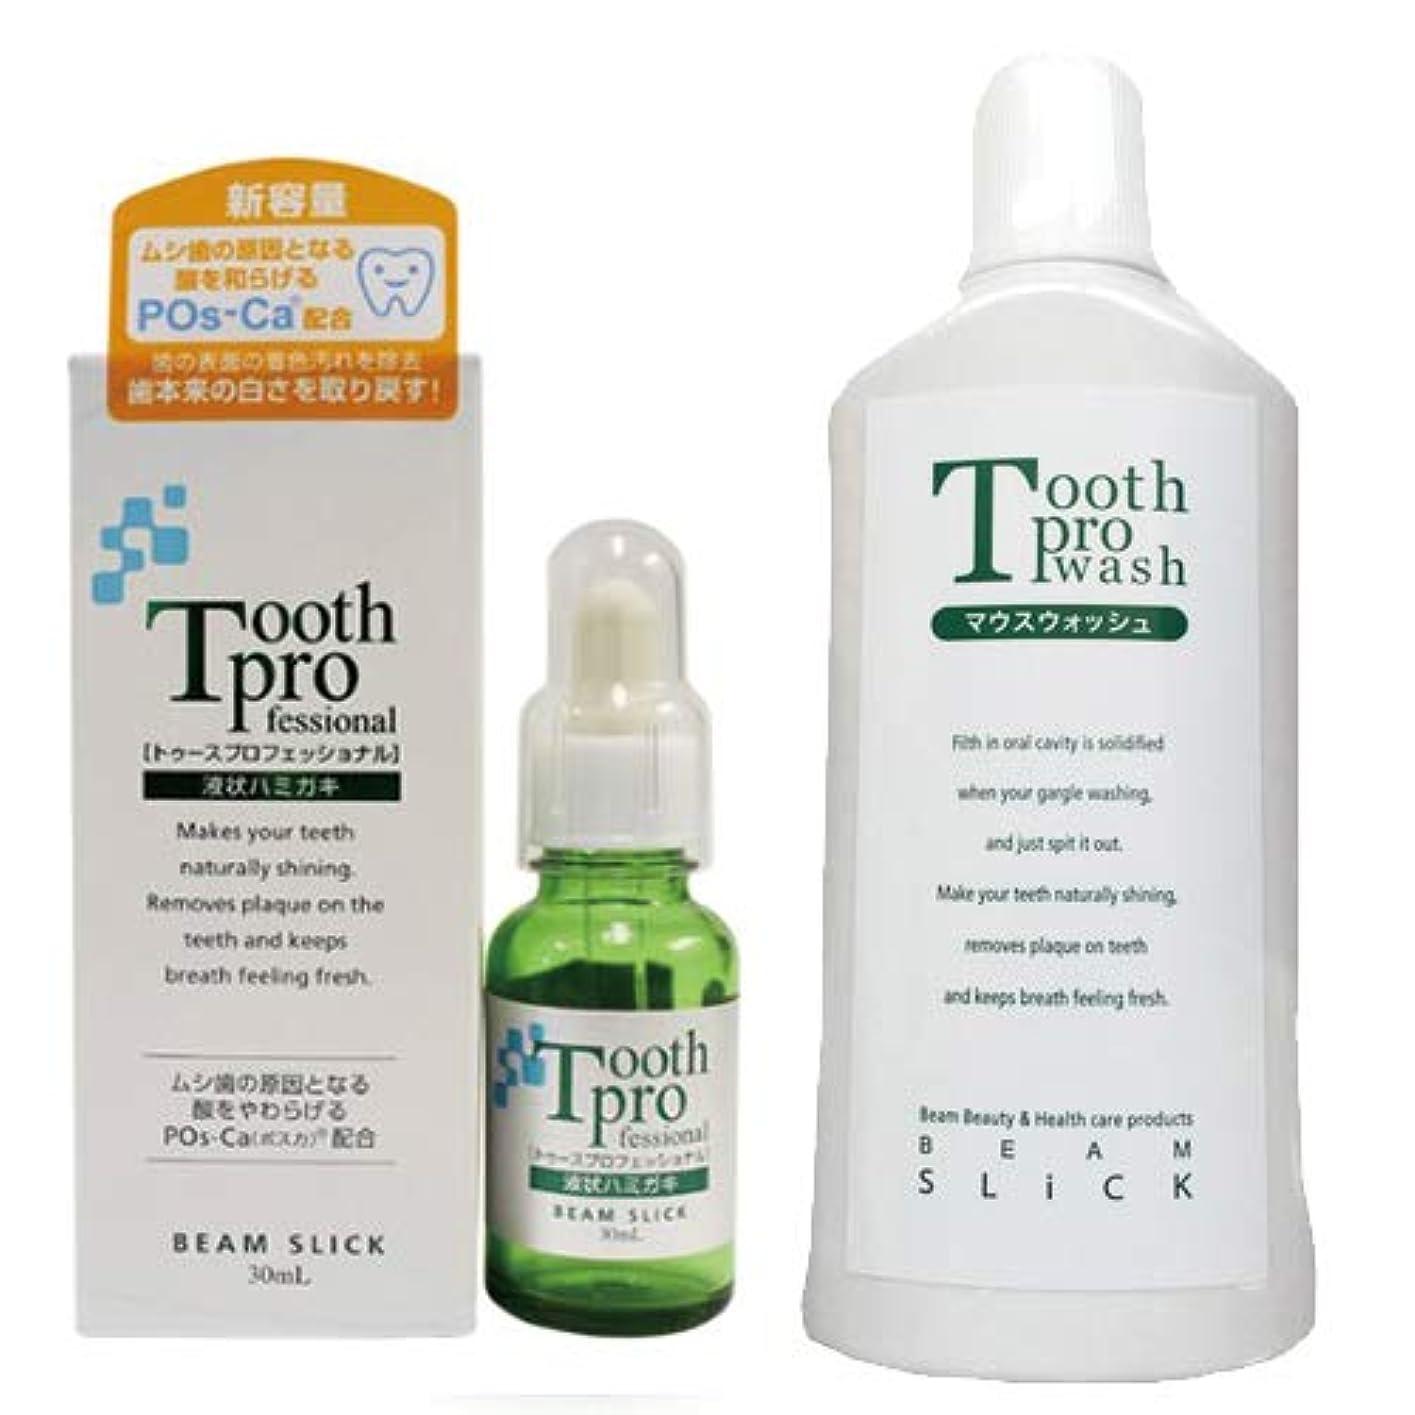 図書館核意見トゥースプロウォッシュ(Tooth Pro wash)500mL + トゥースプロフェッショナル(tooth professional) 30mL セット